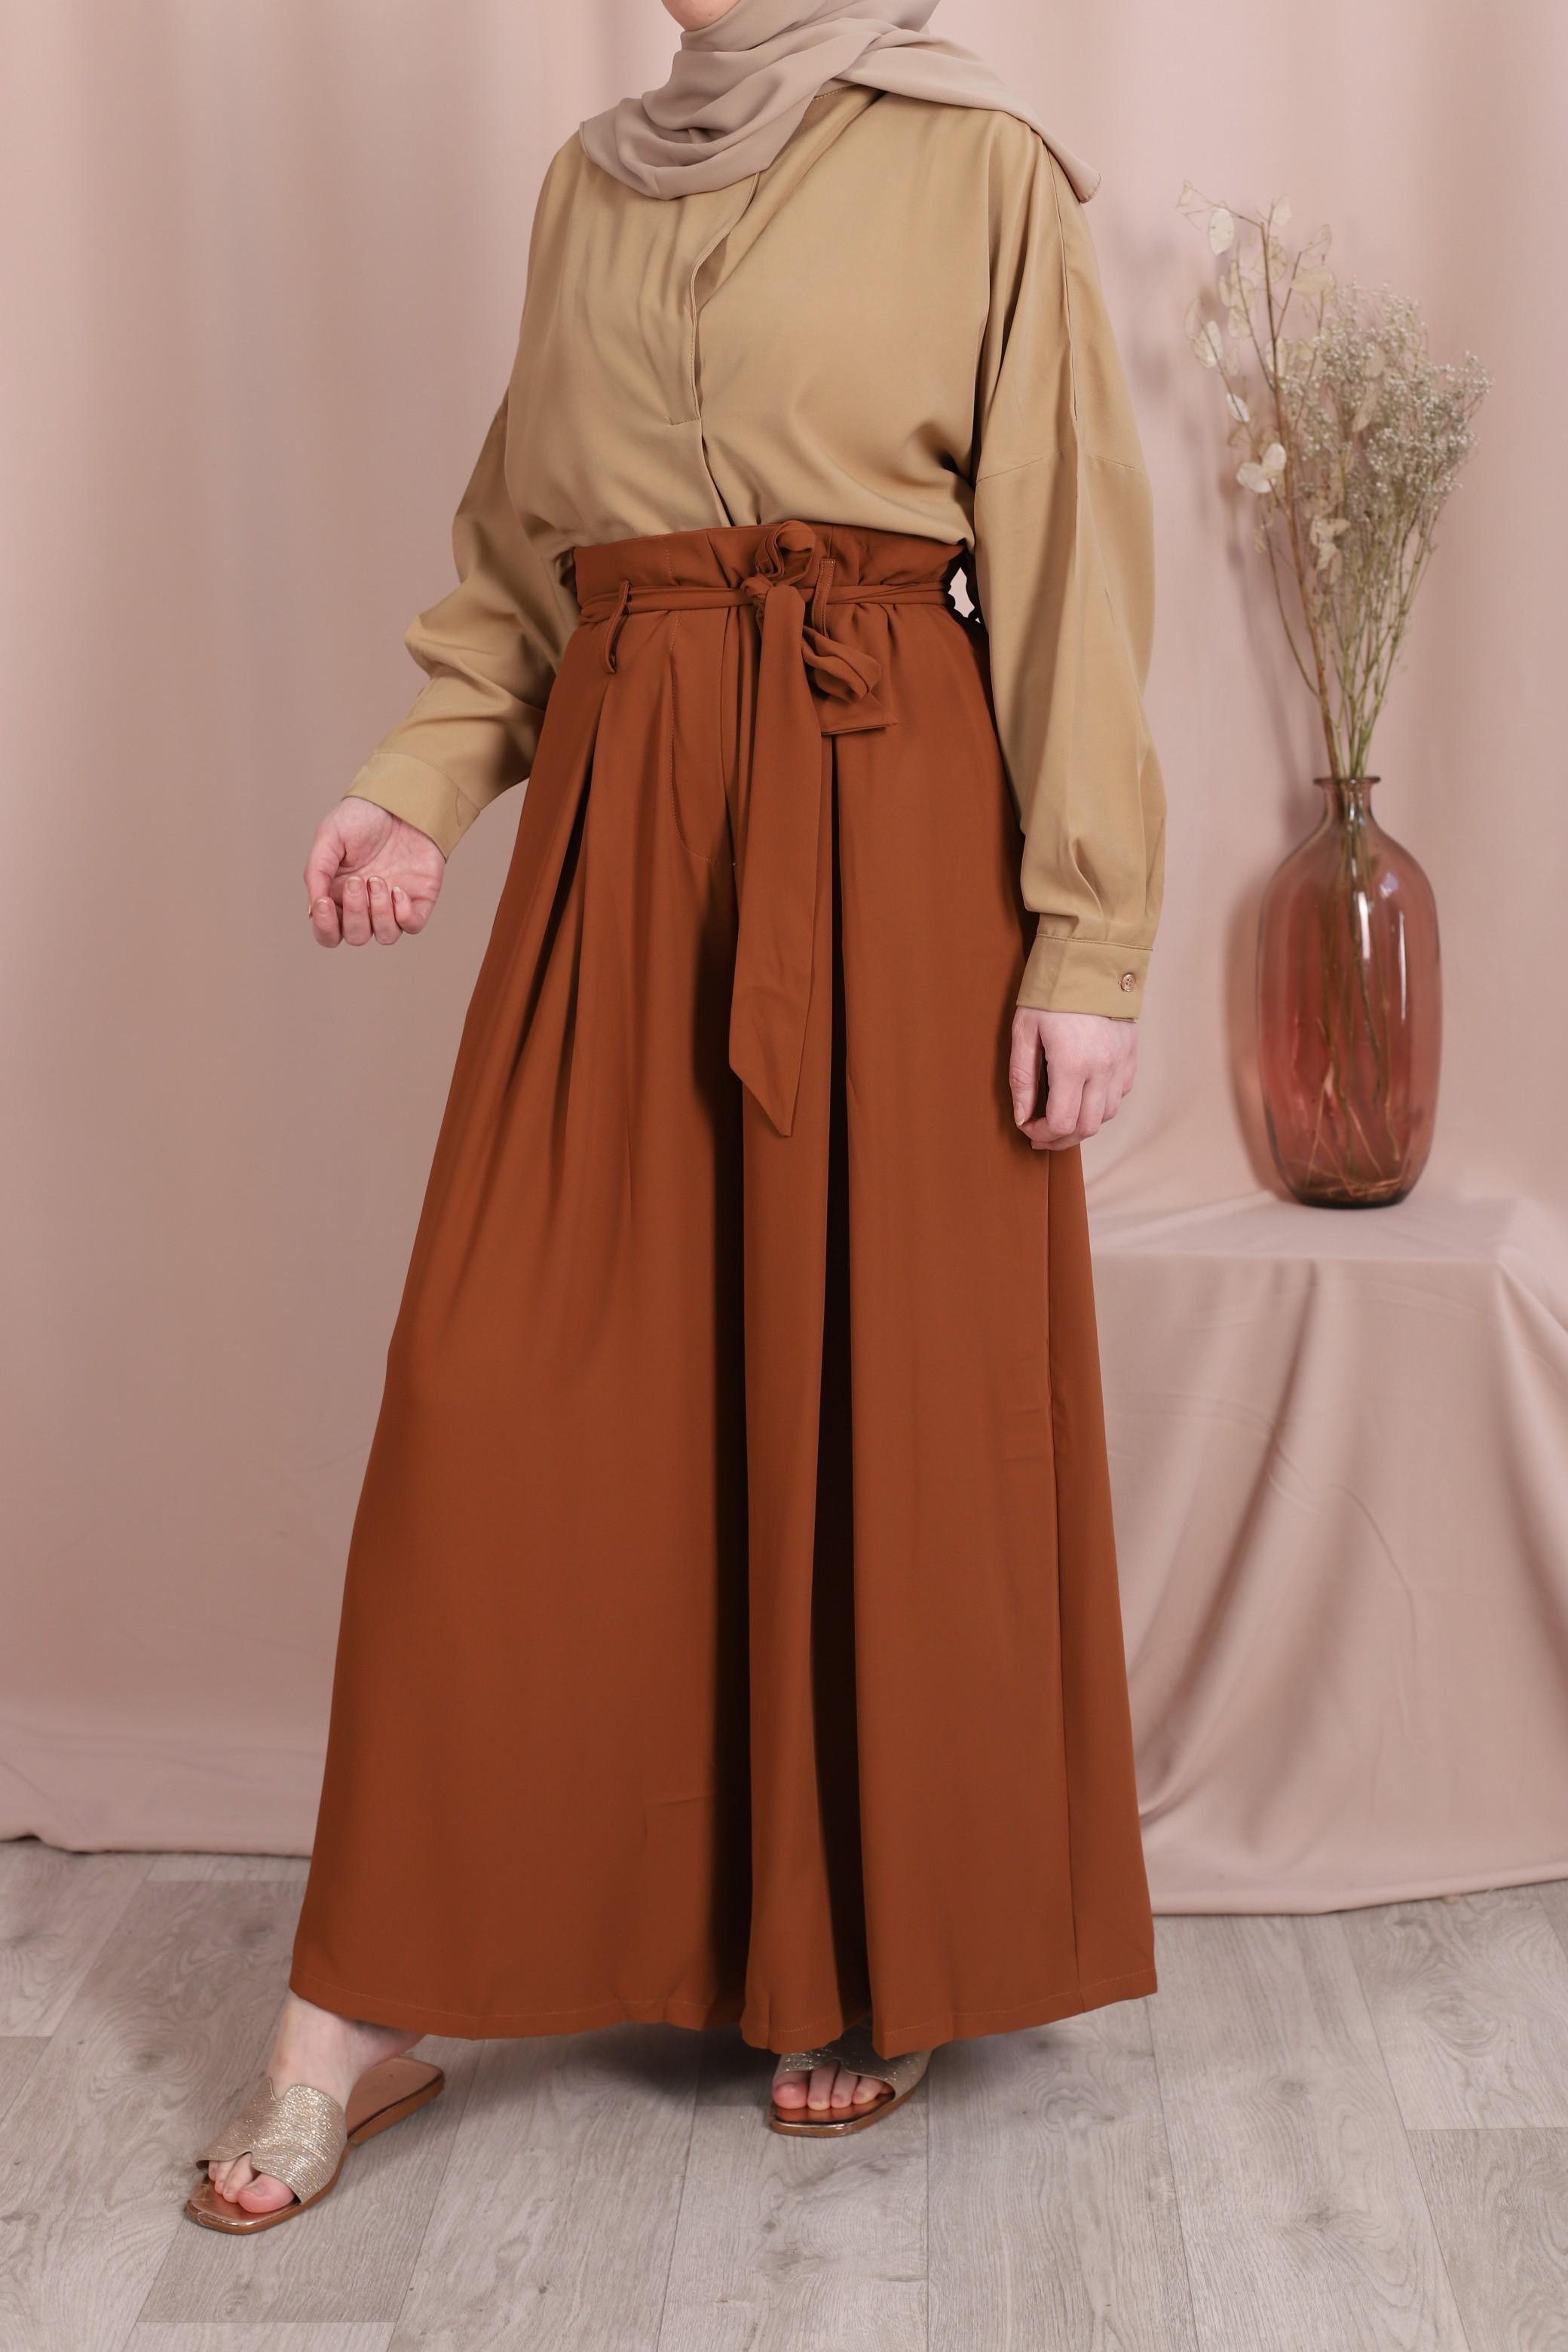 Pantalon-jupe camel